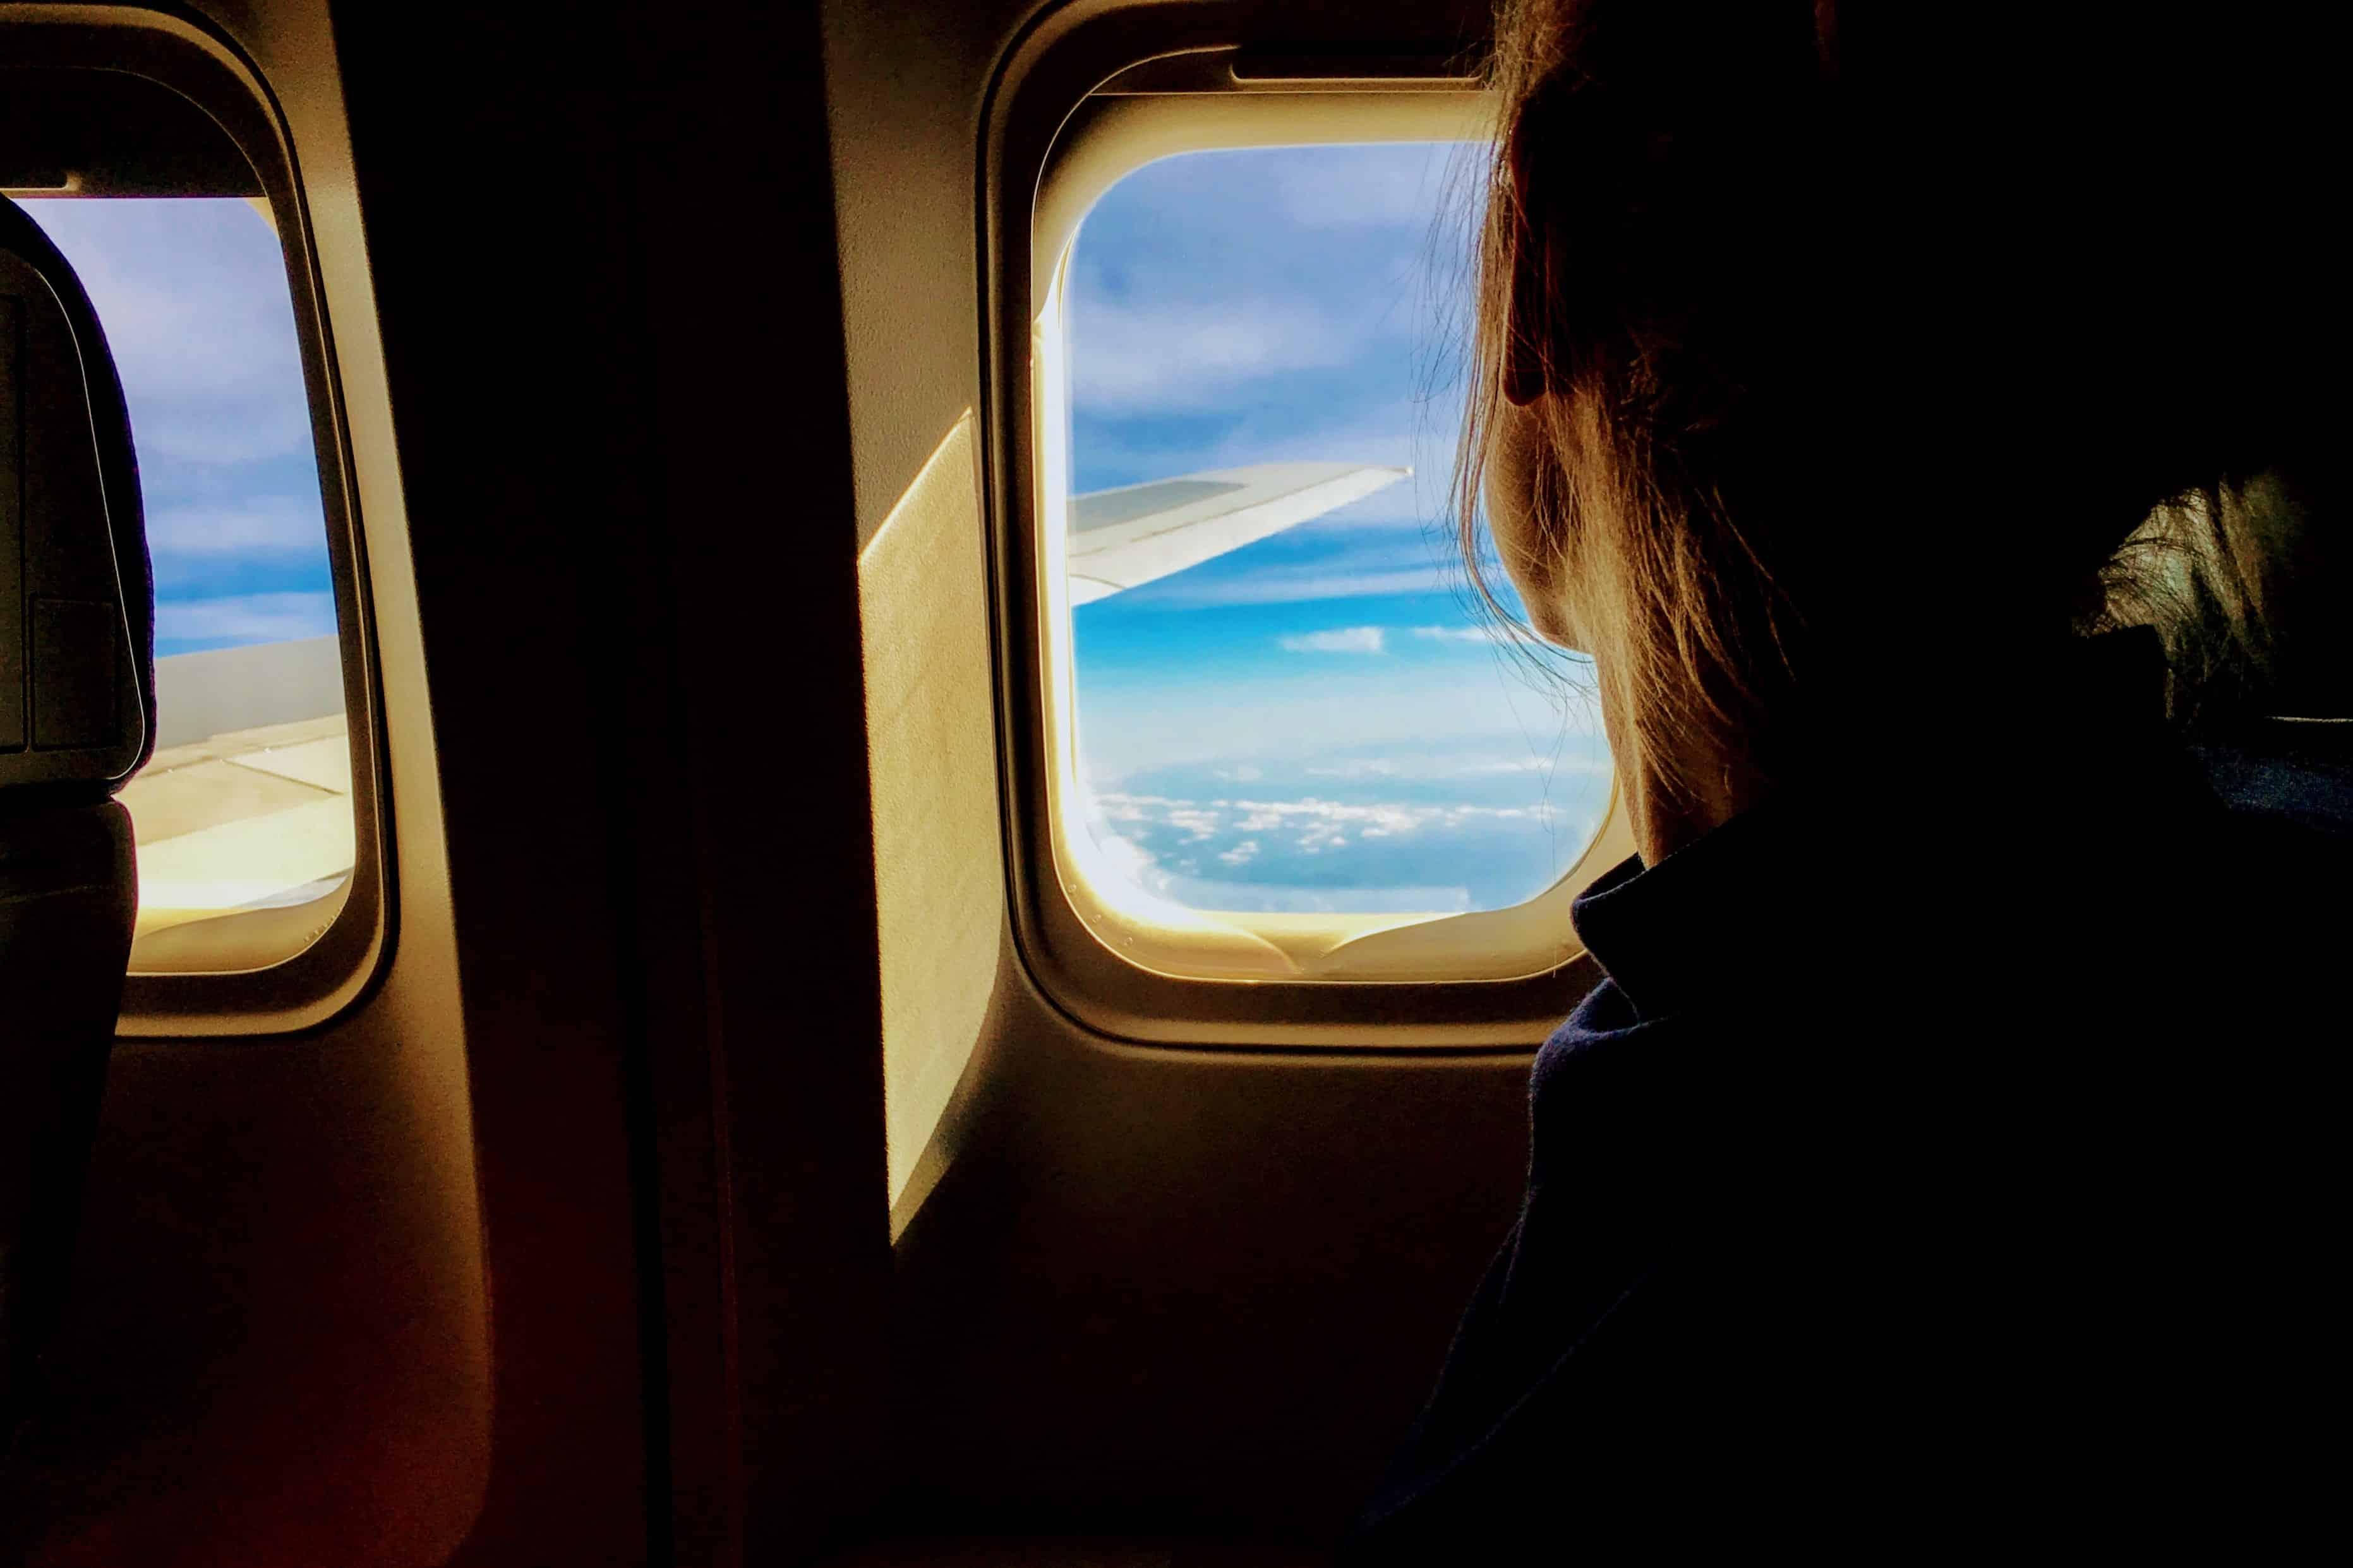 séjour linguistique avion voyage